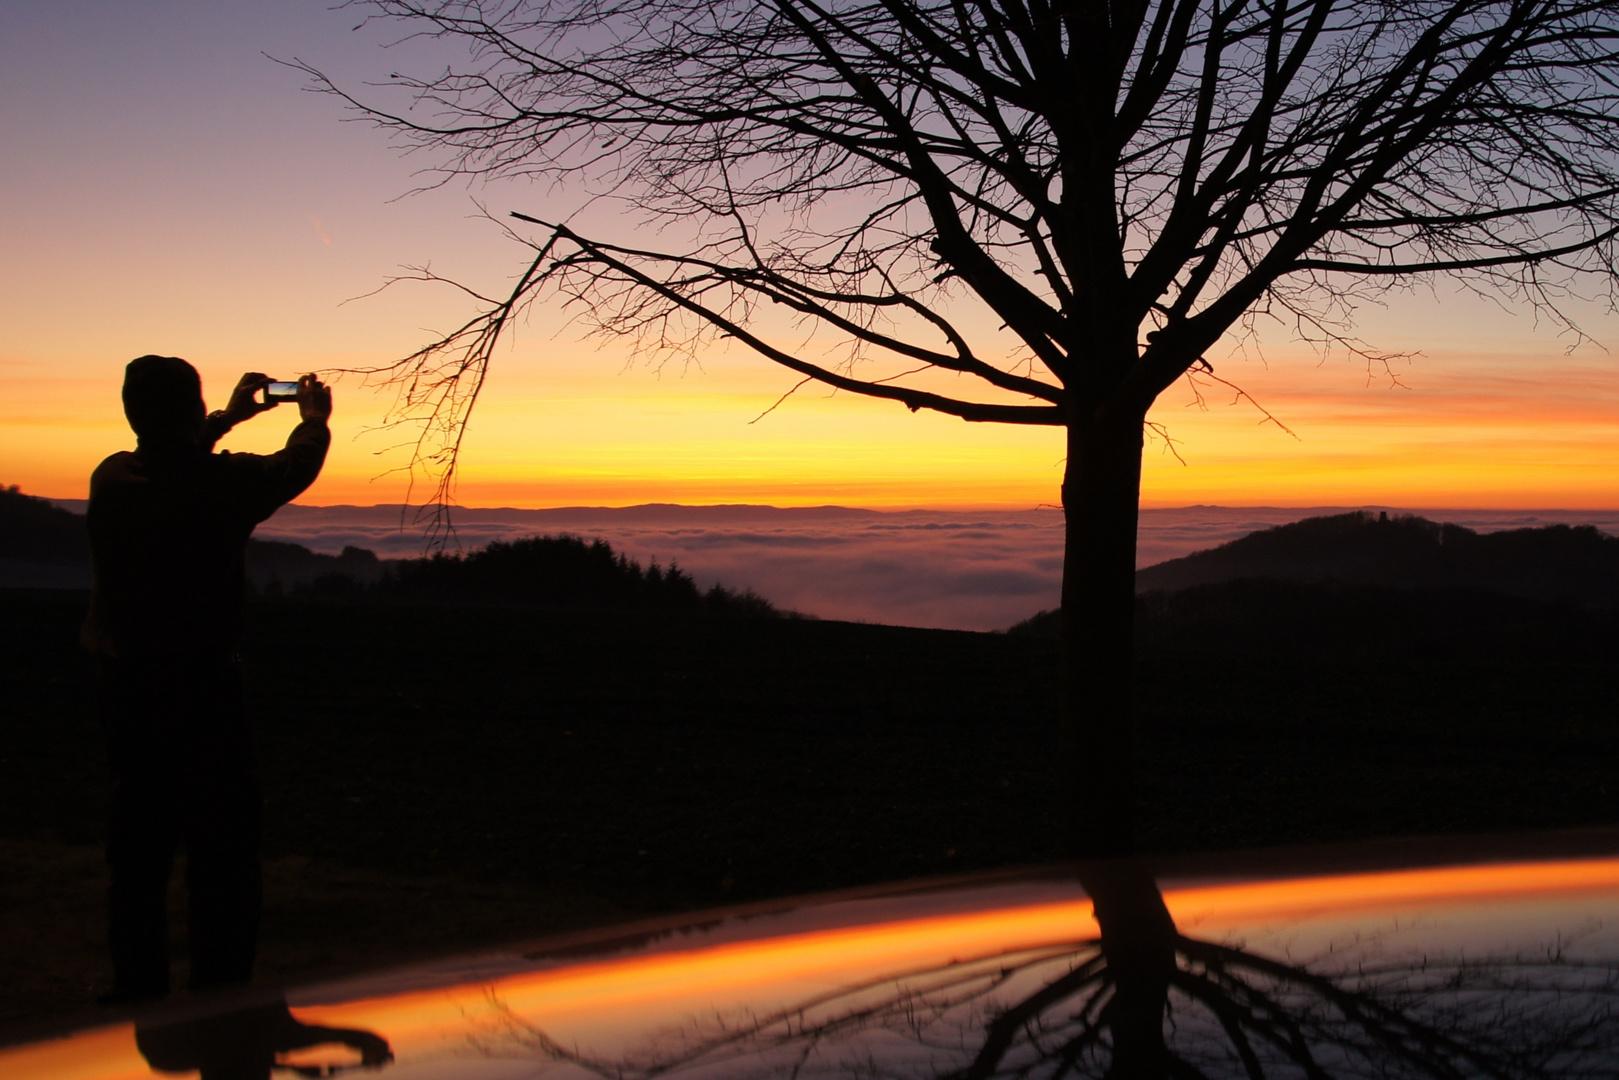 Sonnenuntergang über dem Ahrtal (Eifel) von den Rheinhöhen aus fotgraphiert